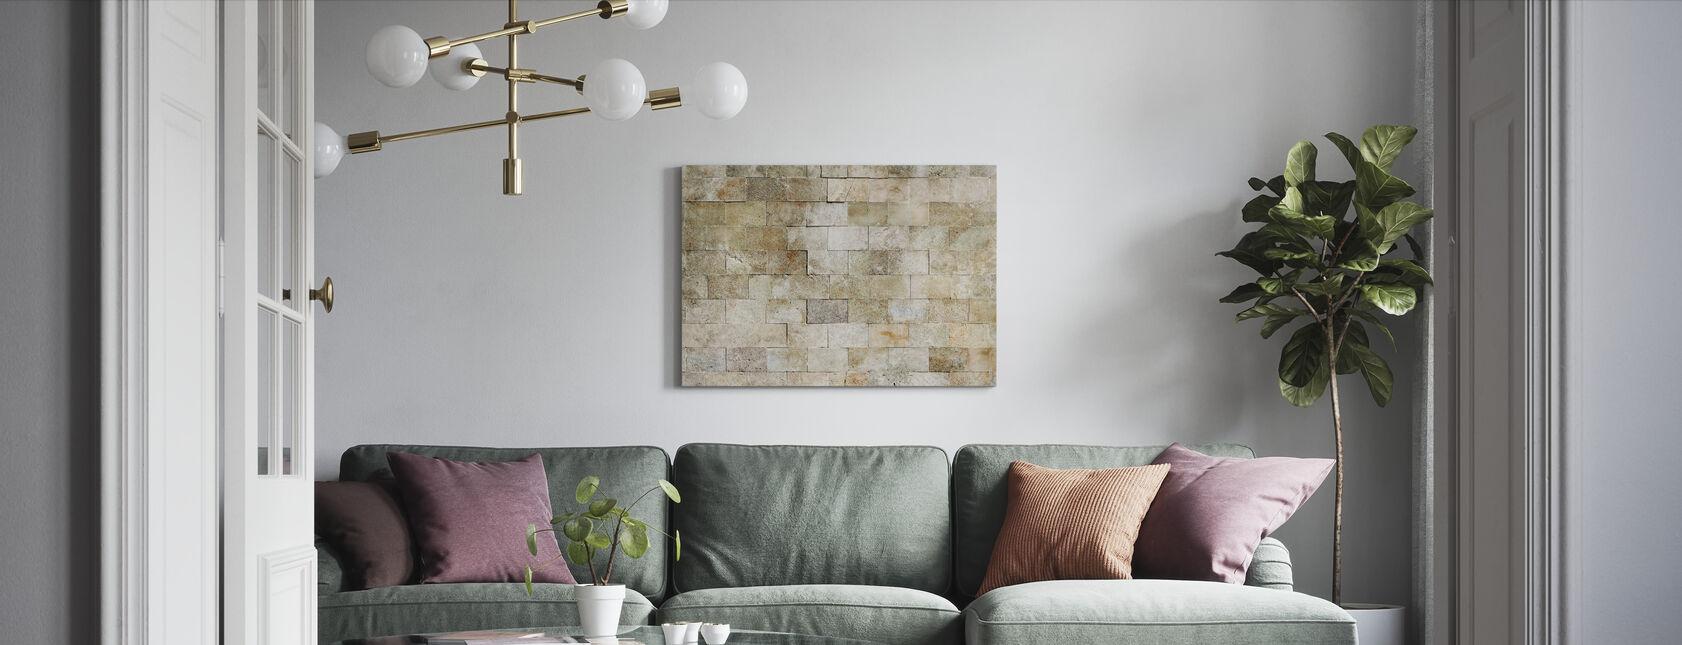 Betegelde Stenen Muur - Canvas print - Woonkamer